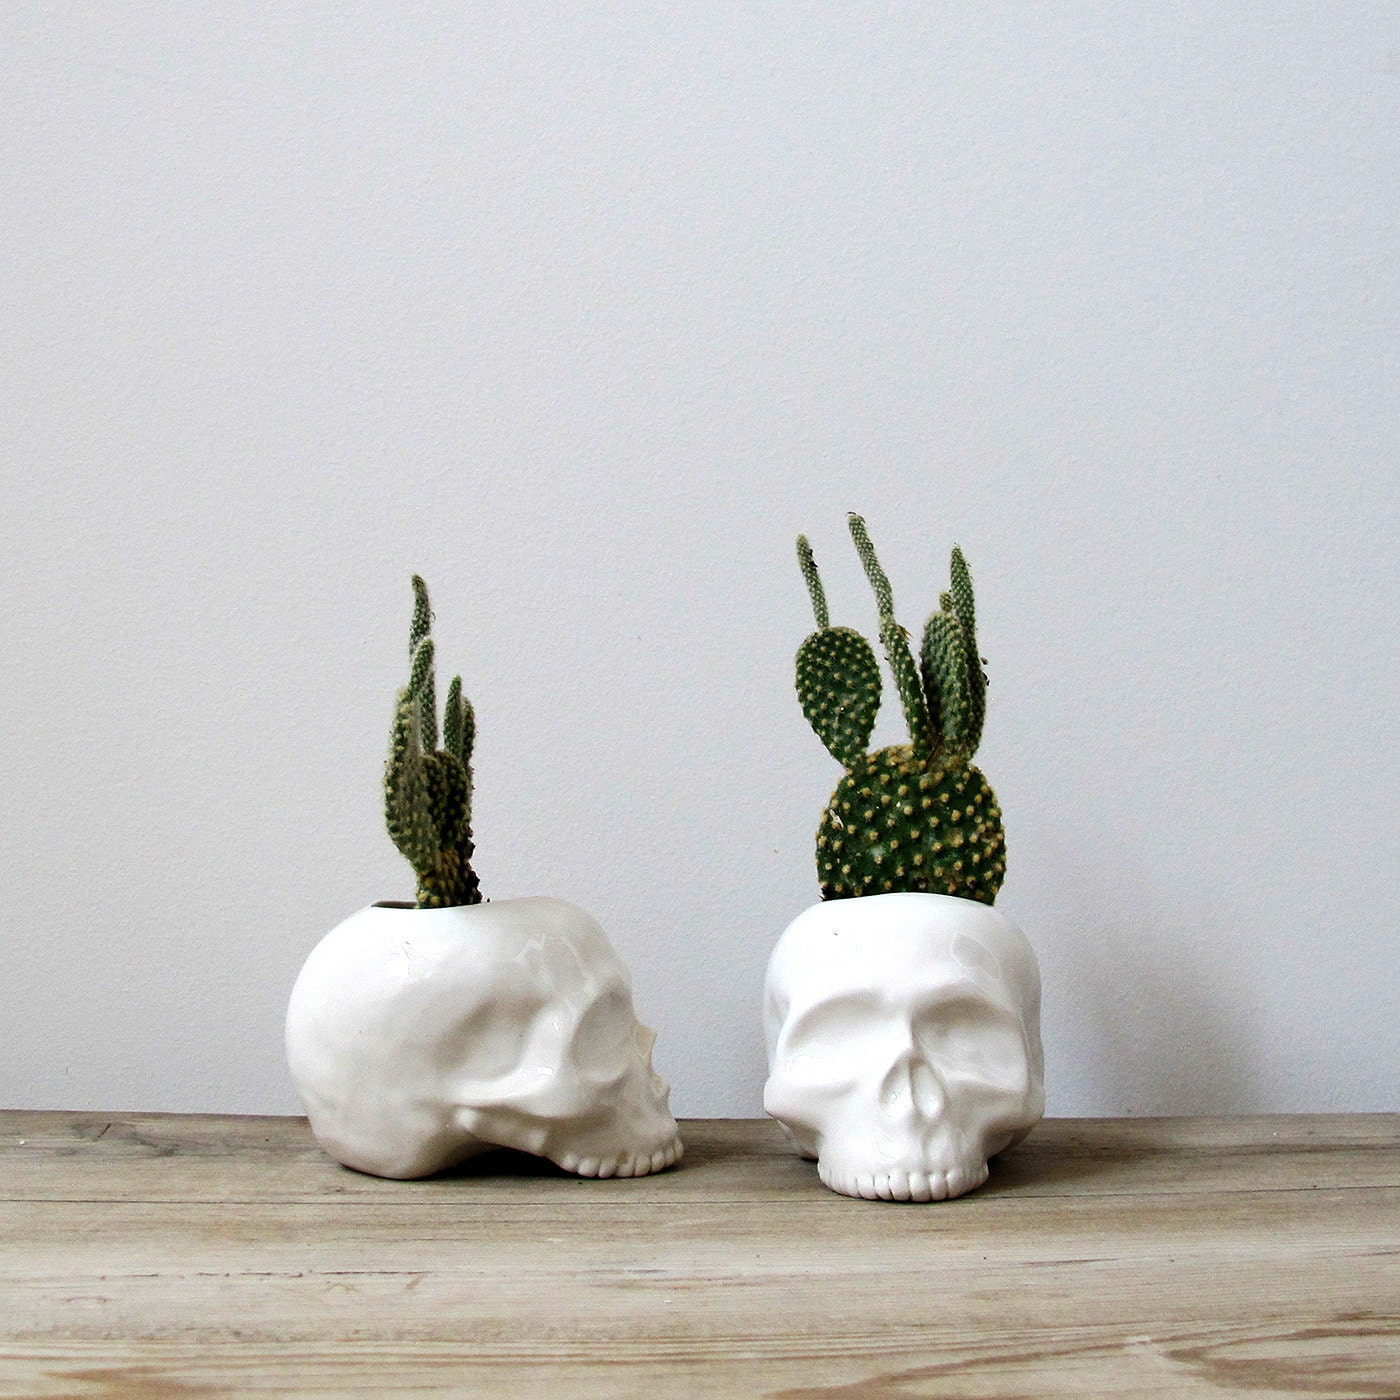 Ceramic Skull Planter - perfect for cactus succulent or air plant - mudpuppy